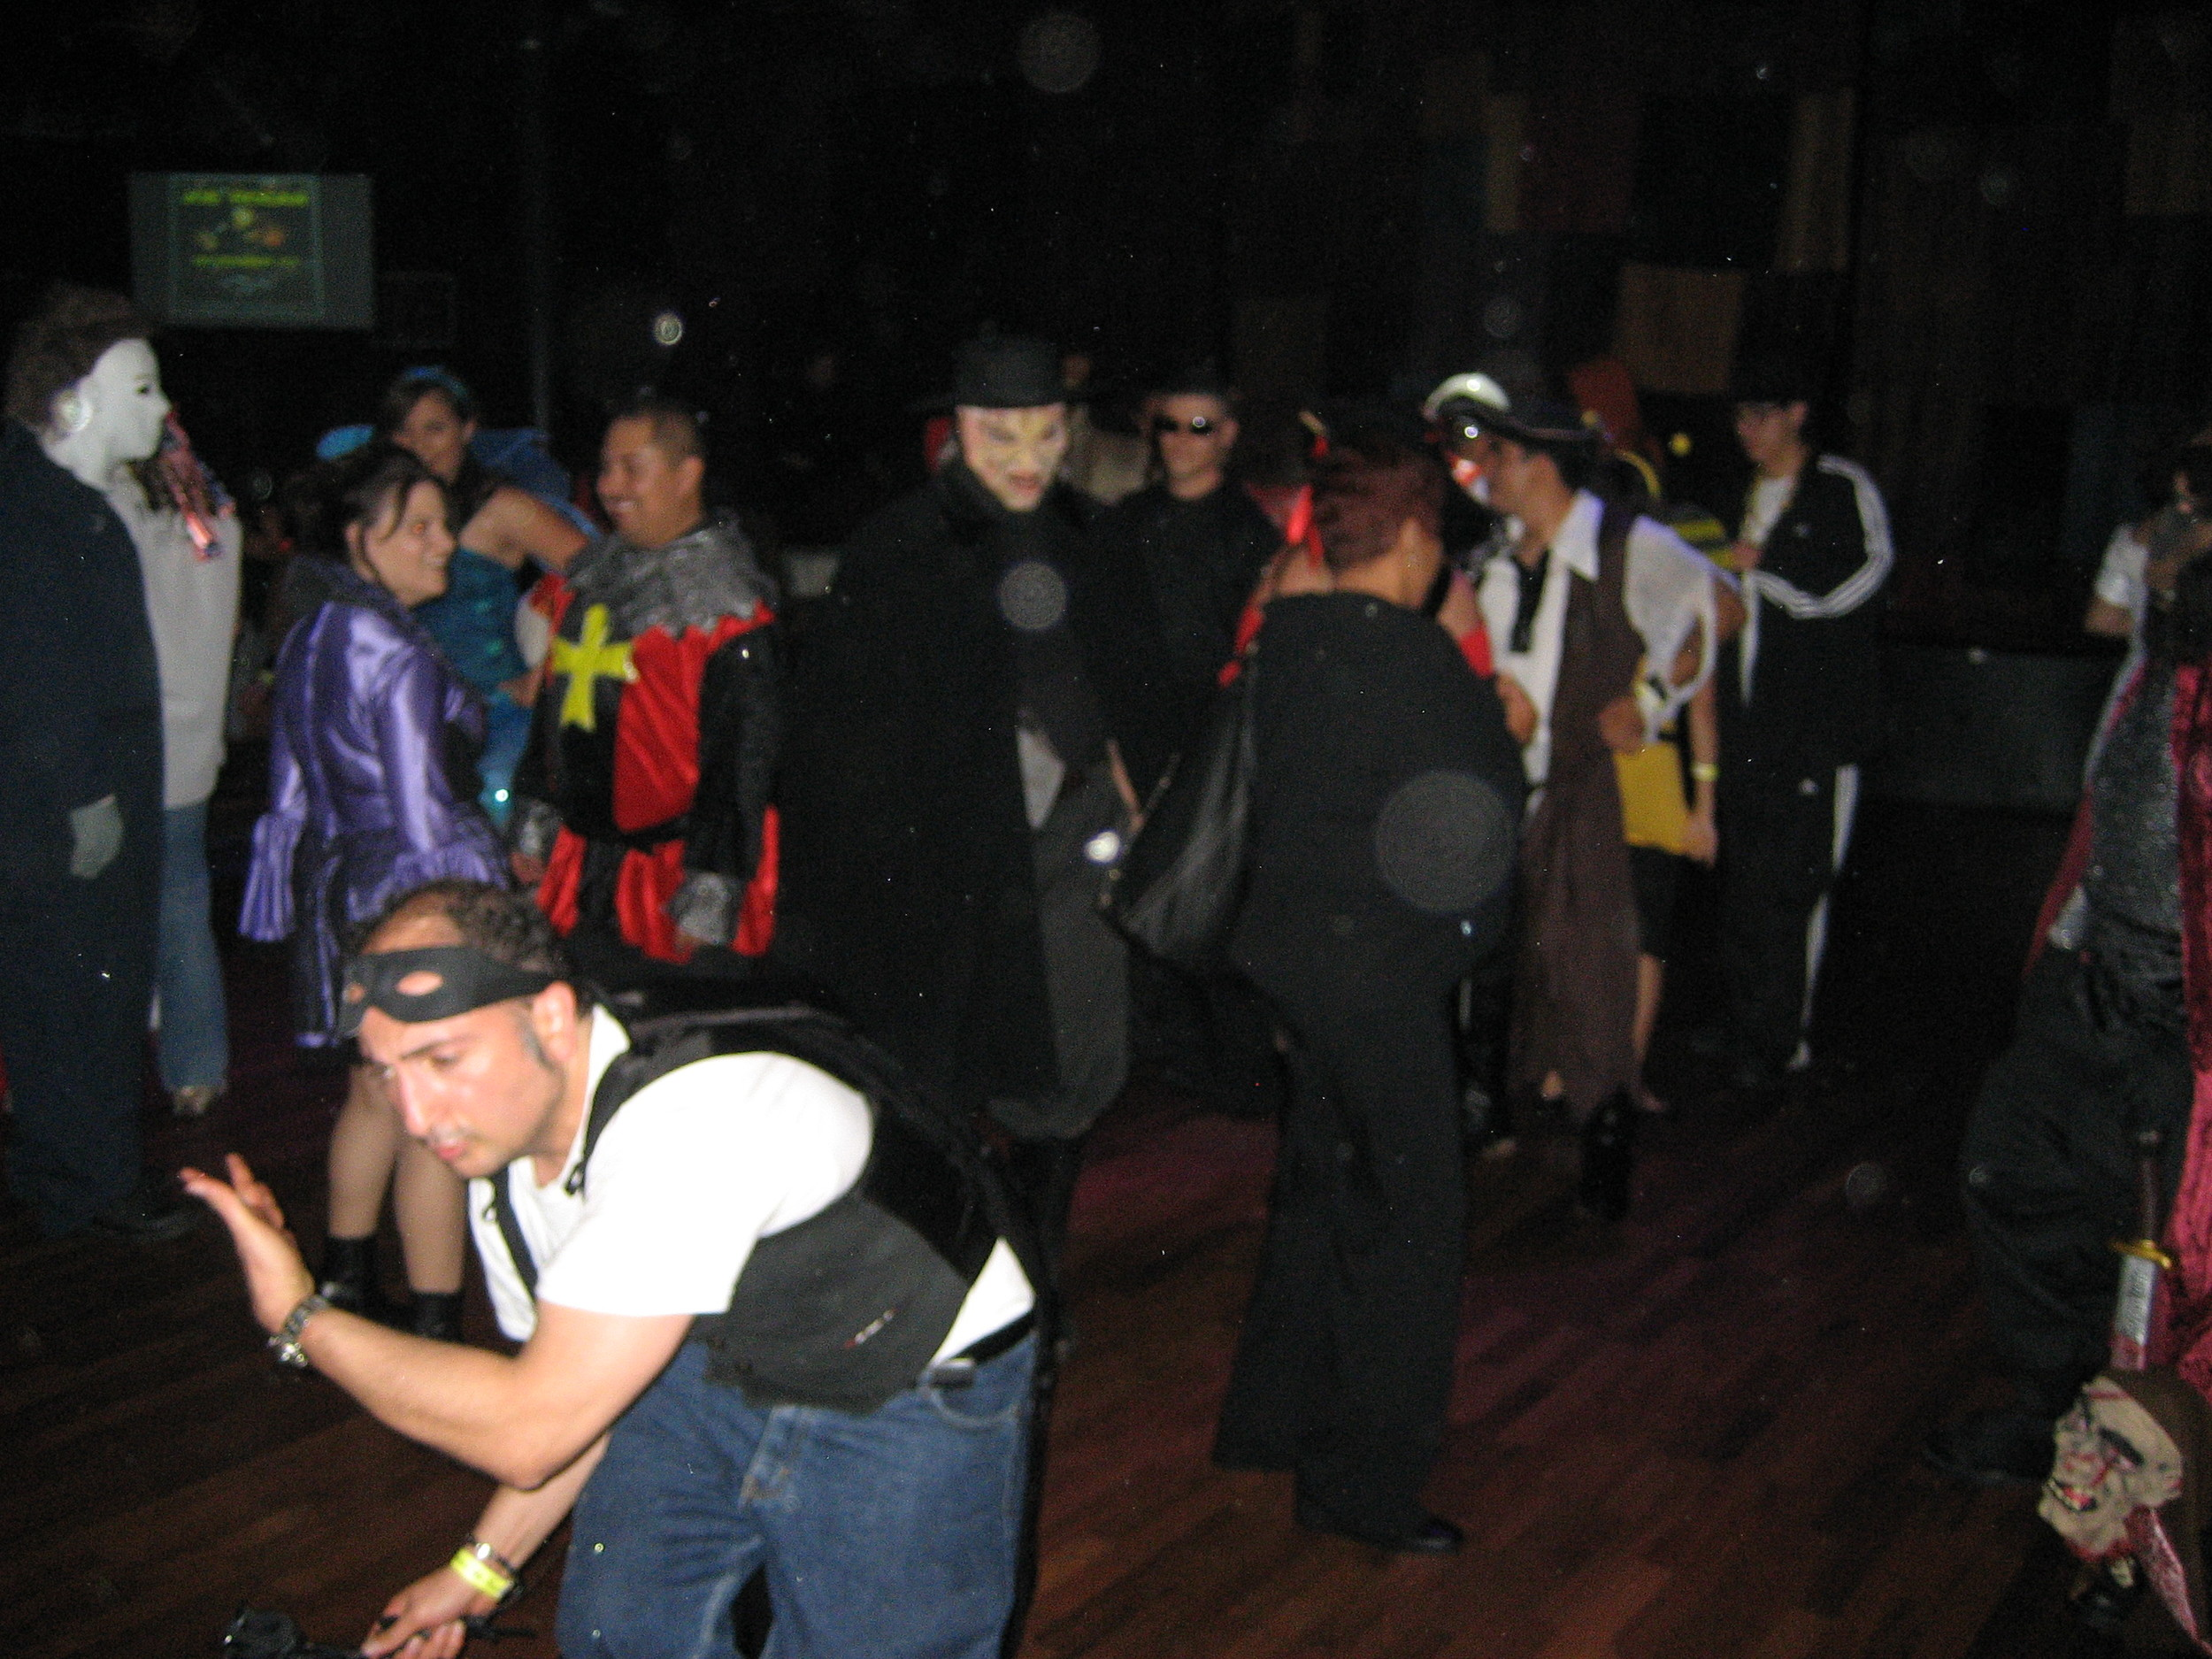 Dancing2.JPG